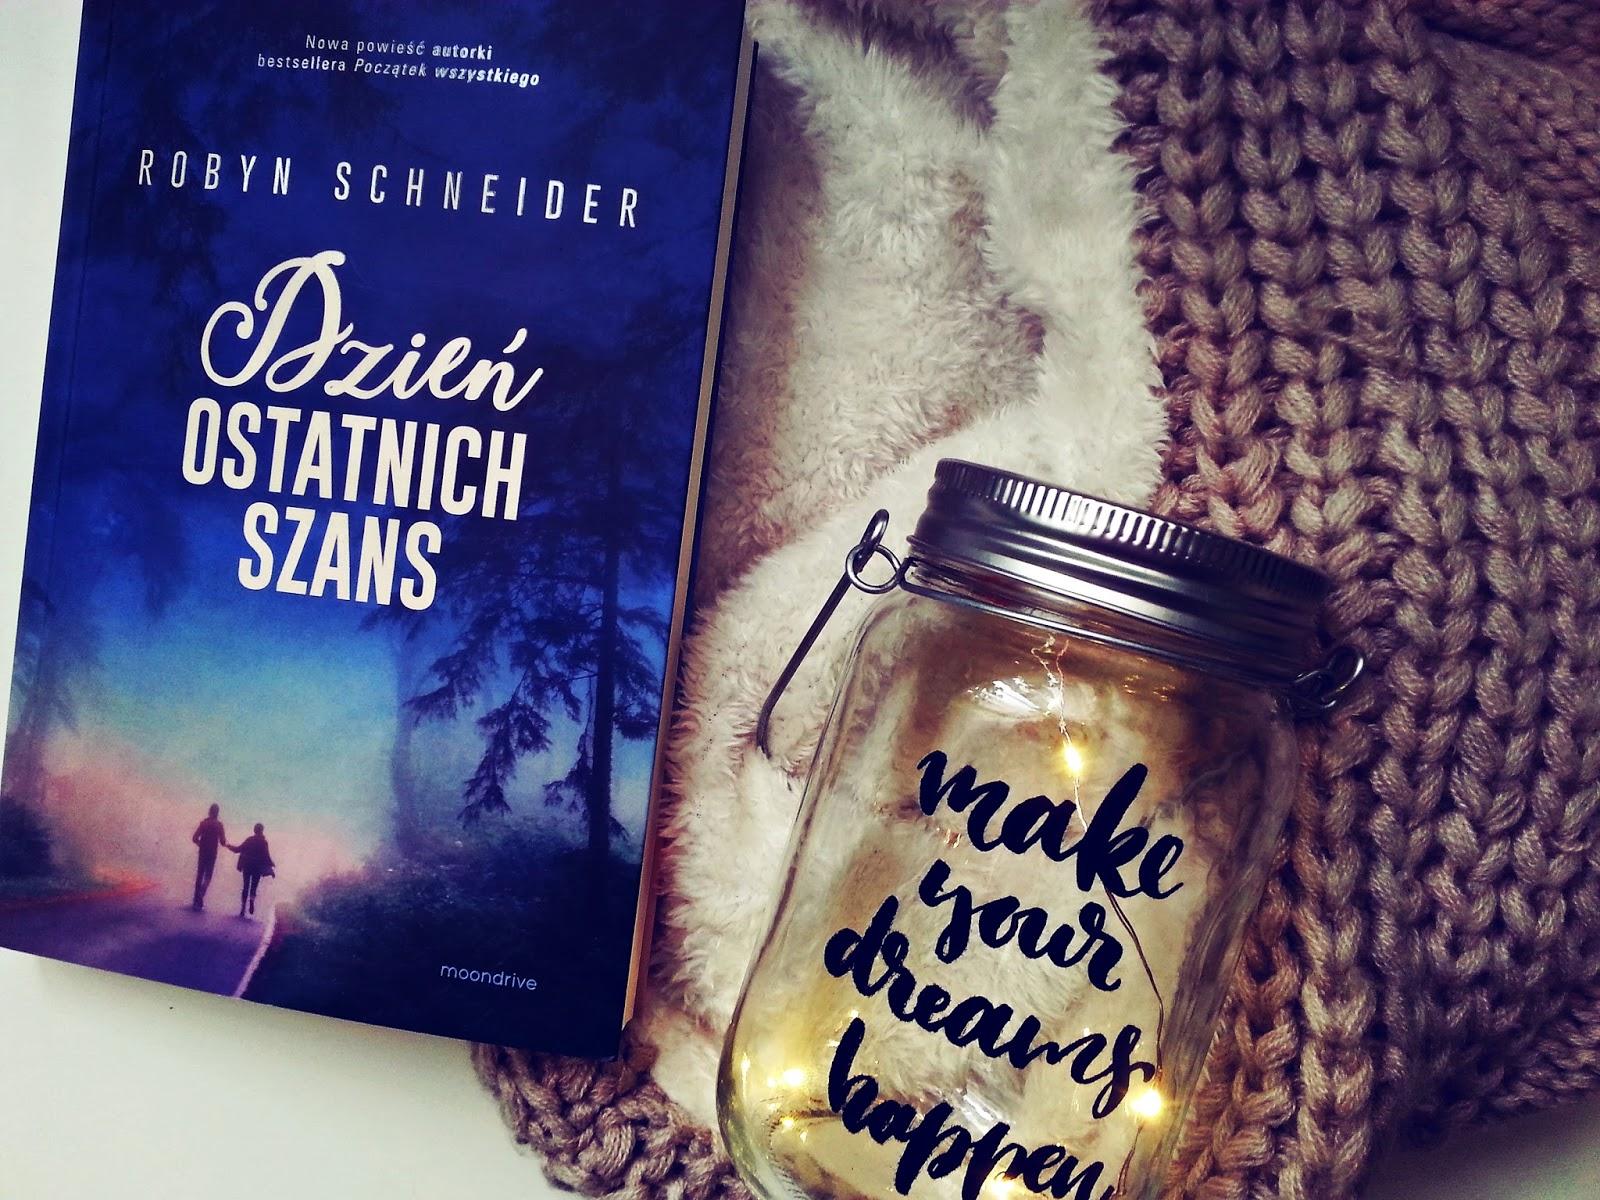 Dzień ostatnich szans, Robyn Schneider, Wydawnictwo Otwarte, książka, recenzja